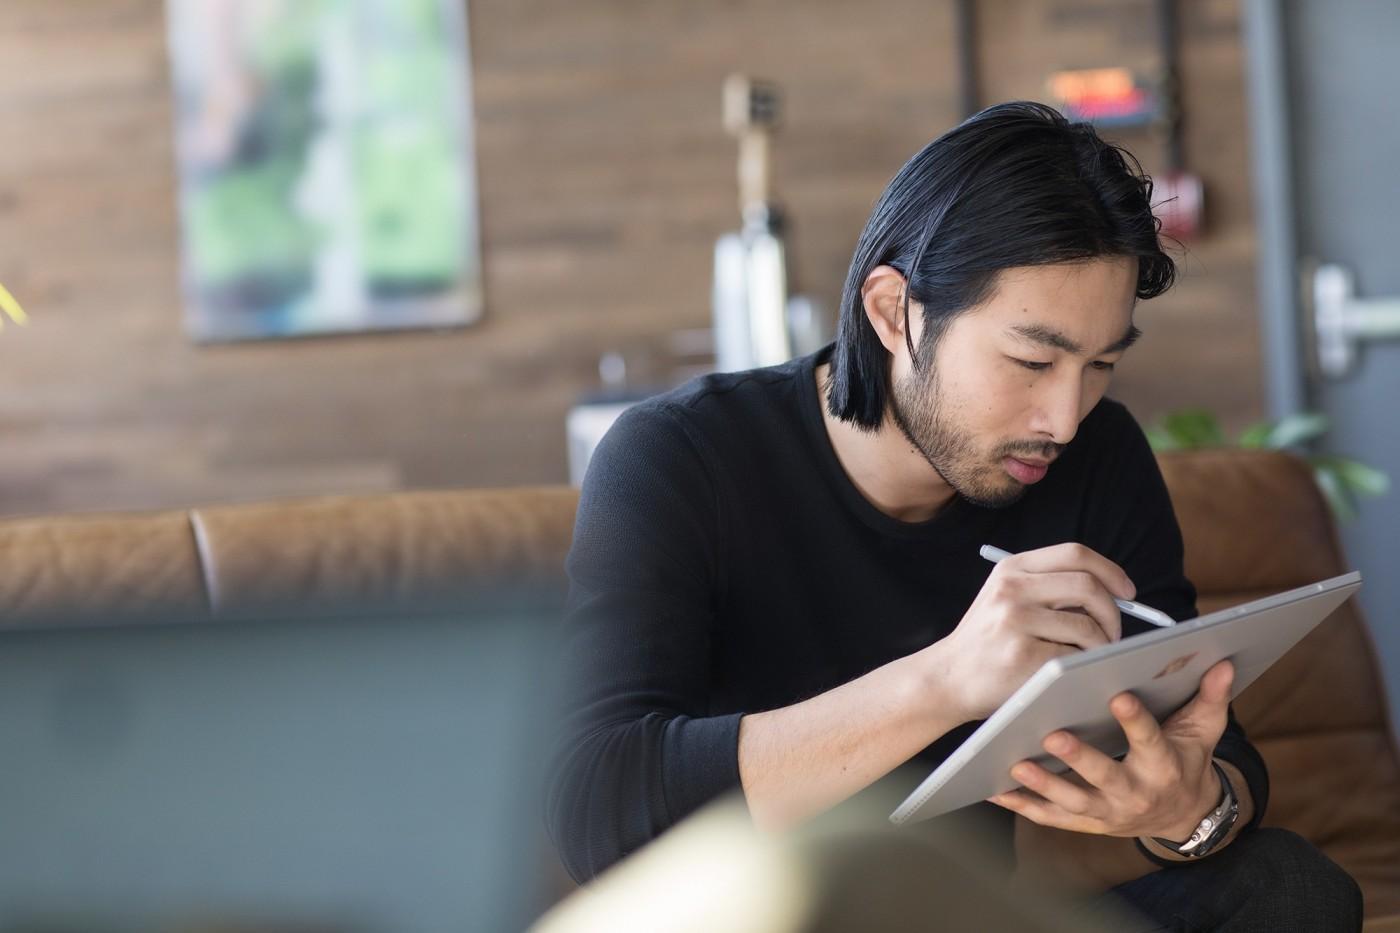 全球遠端工作需求升  台灣微軟解決方案為企業把關生產力 虛擬桌面管理、遠端工作協作工具 助企業營運不間斷